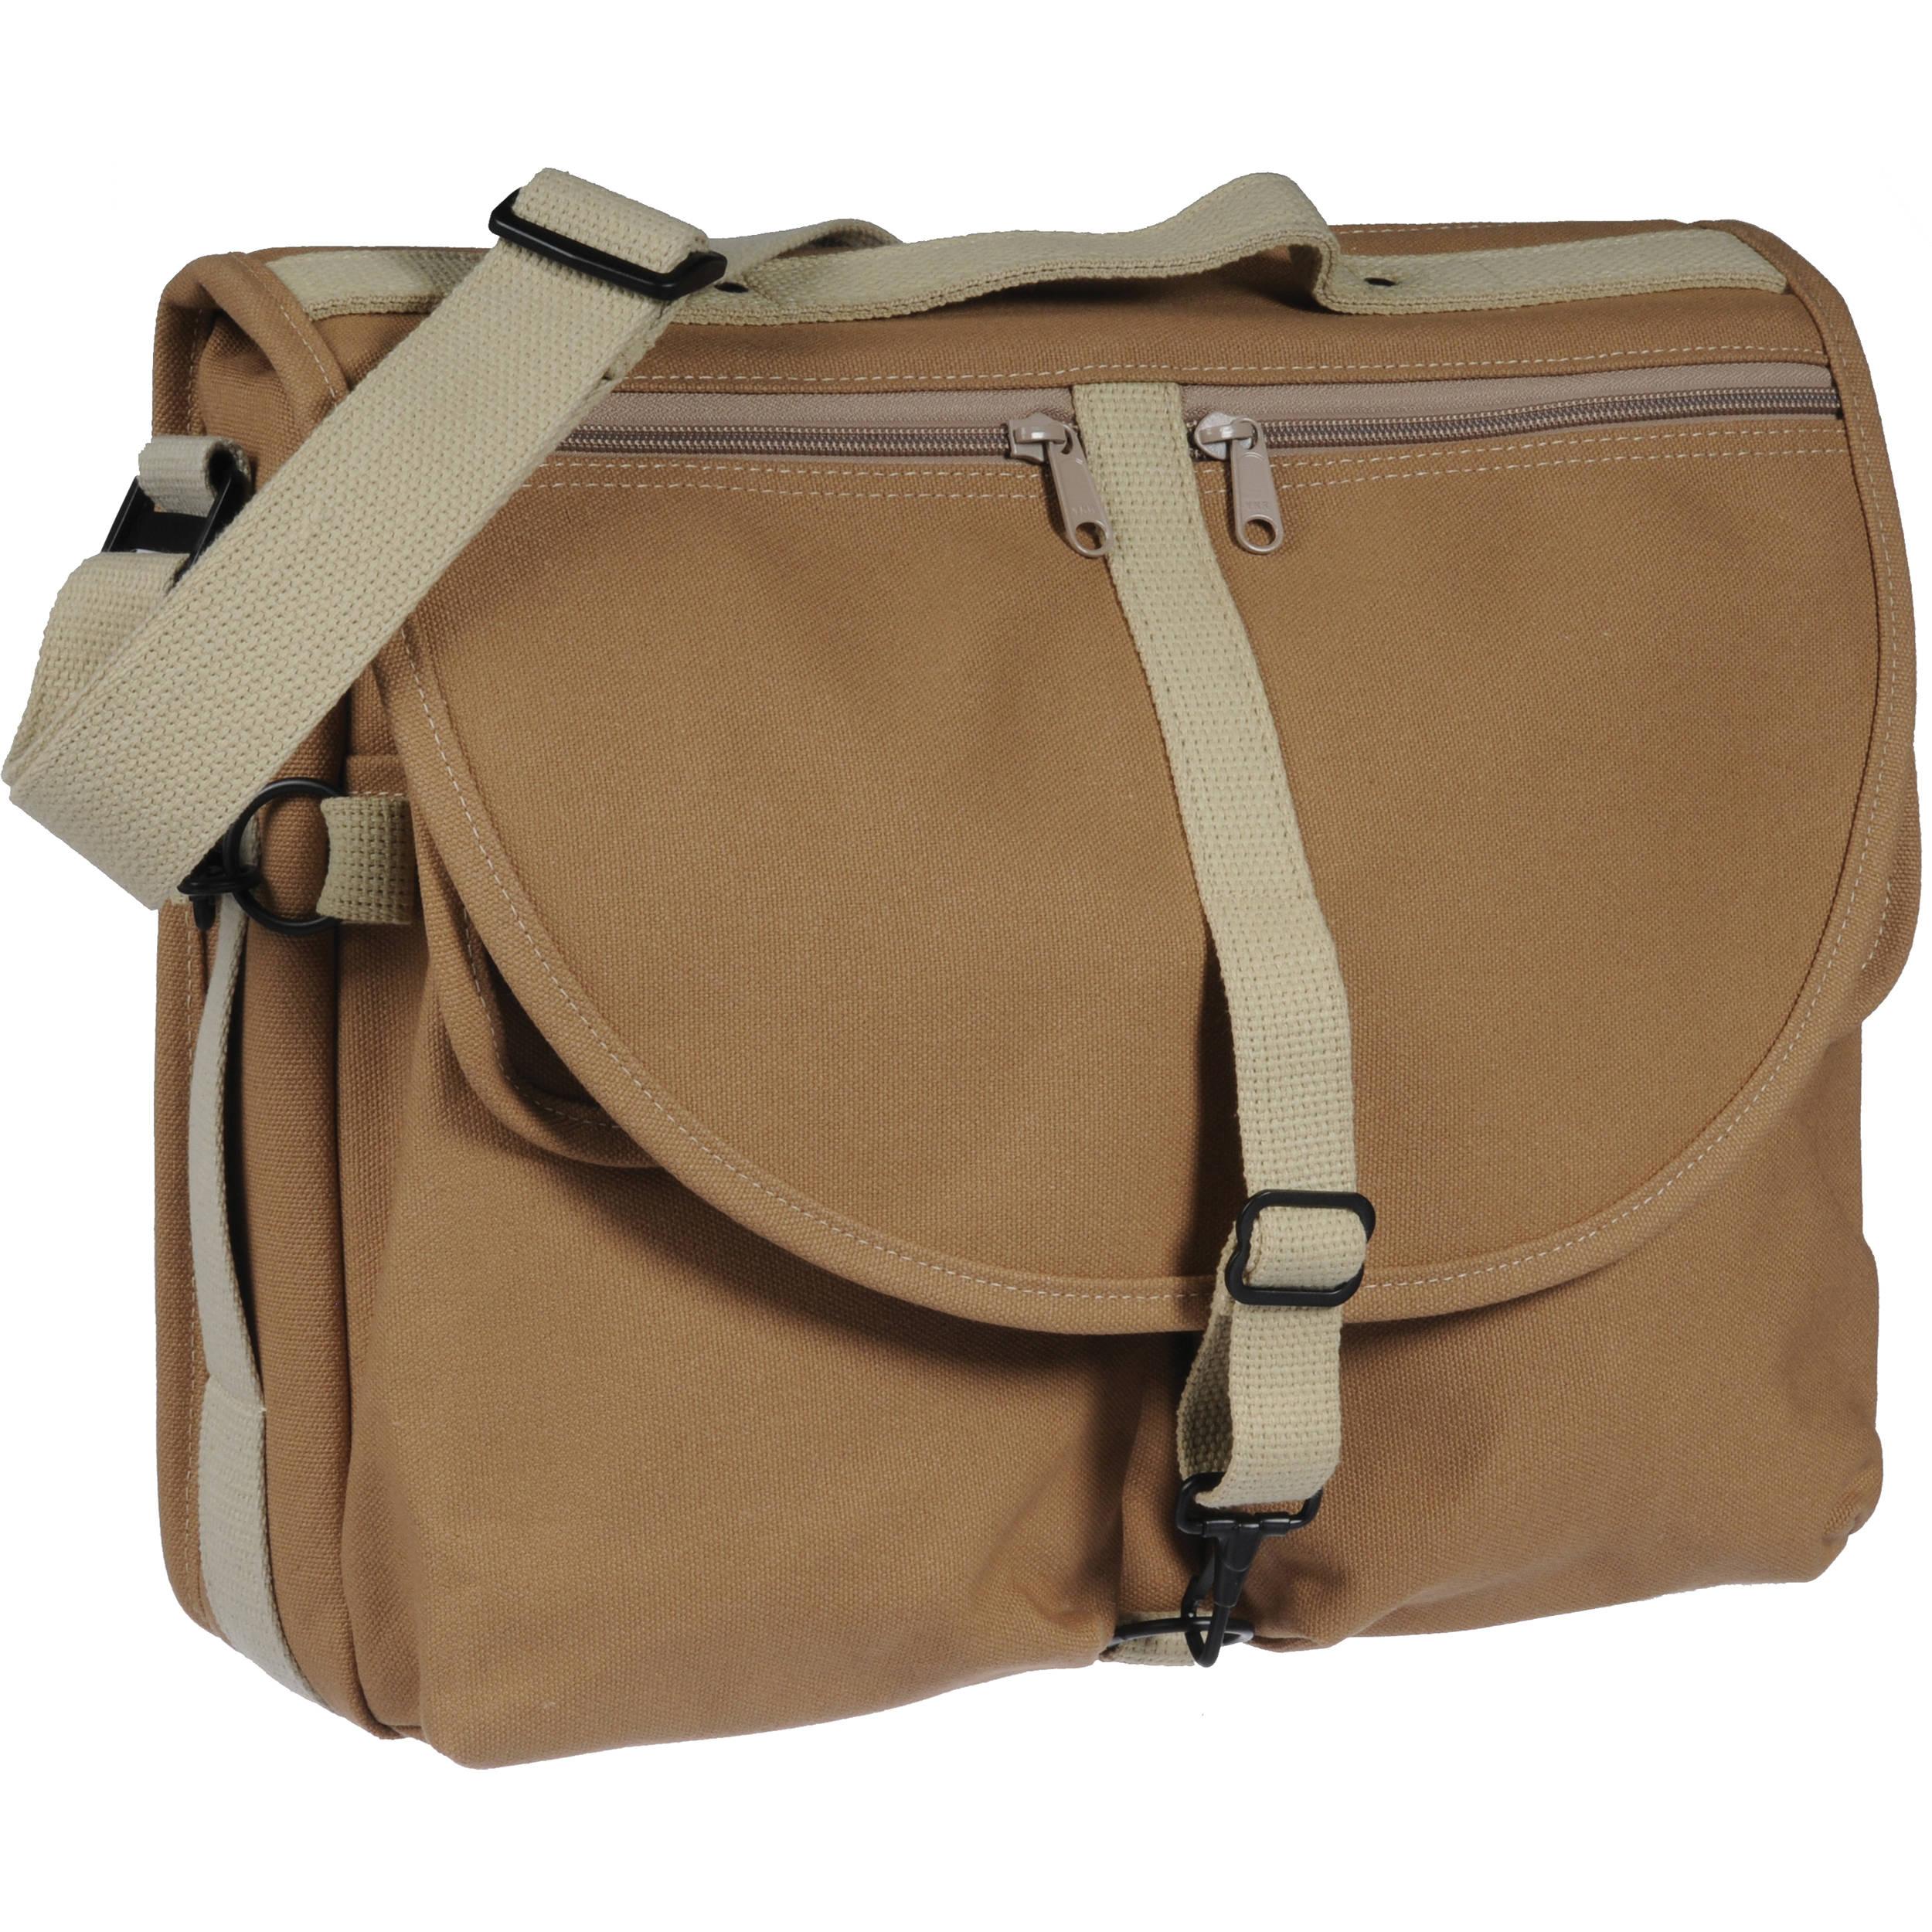 Domke F 802 Reporter S Satchel Shoulder Bag